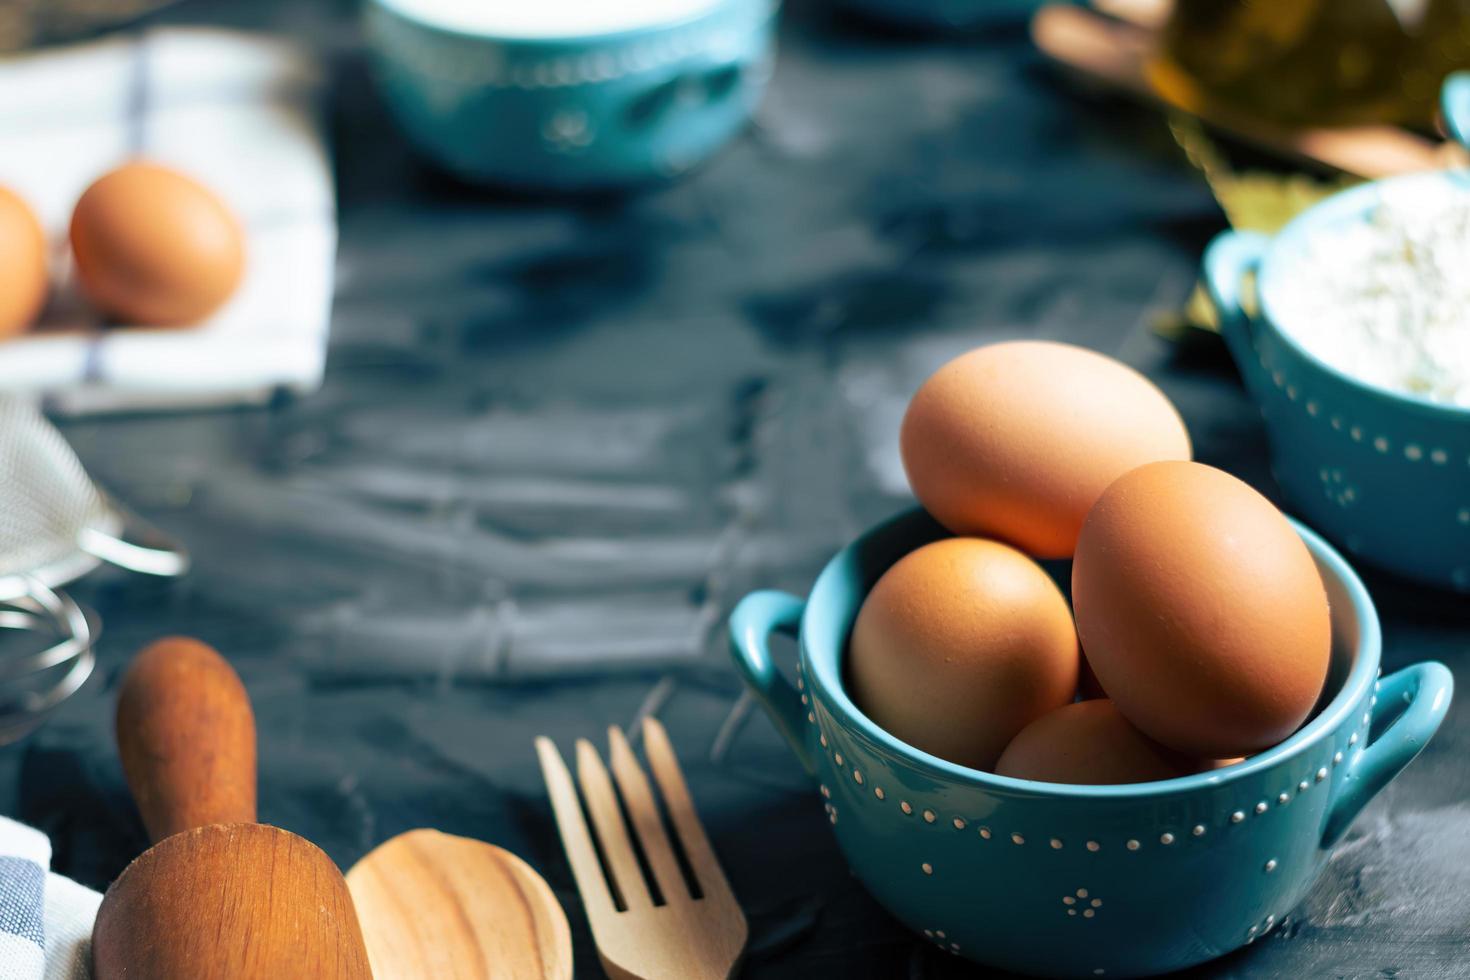 Eier in einer Schüssel foto